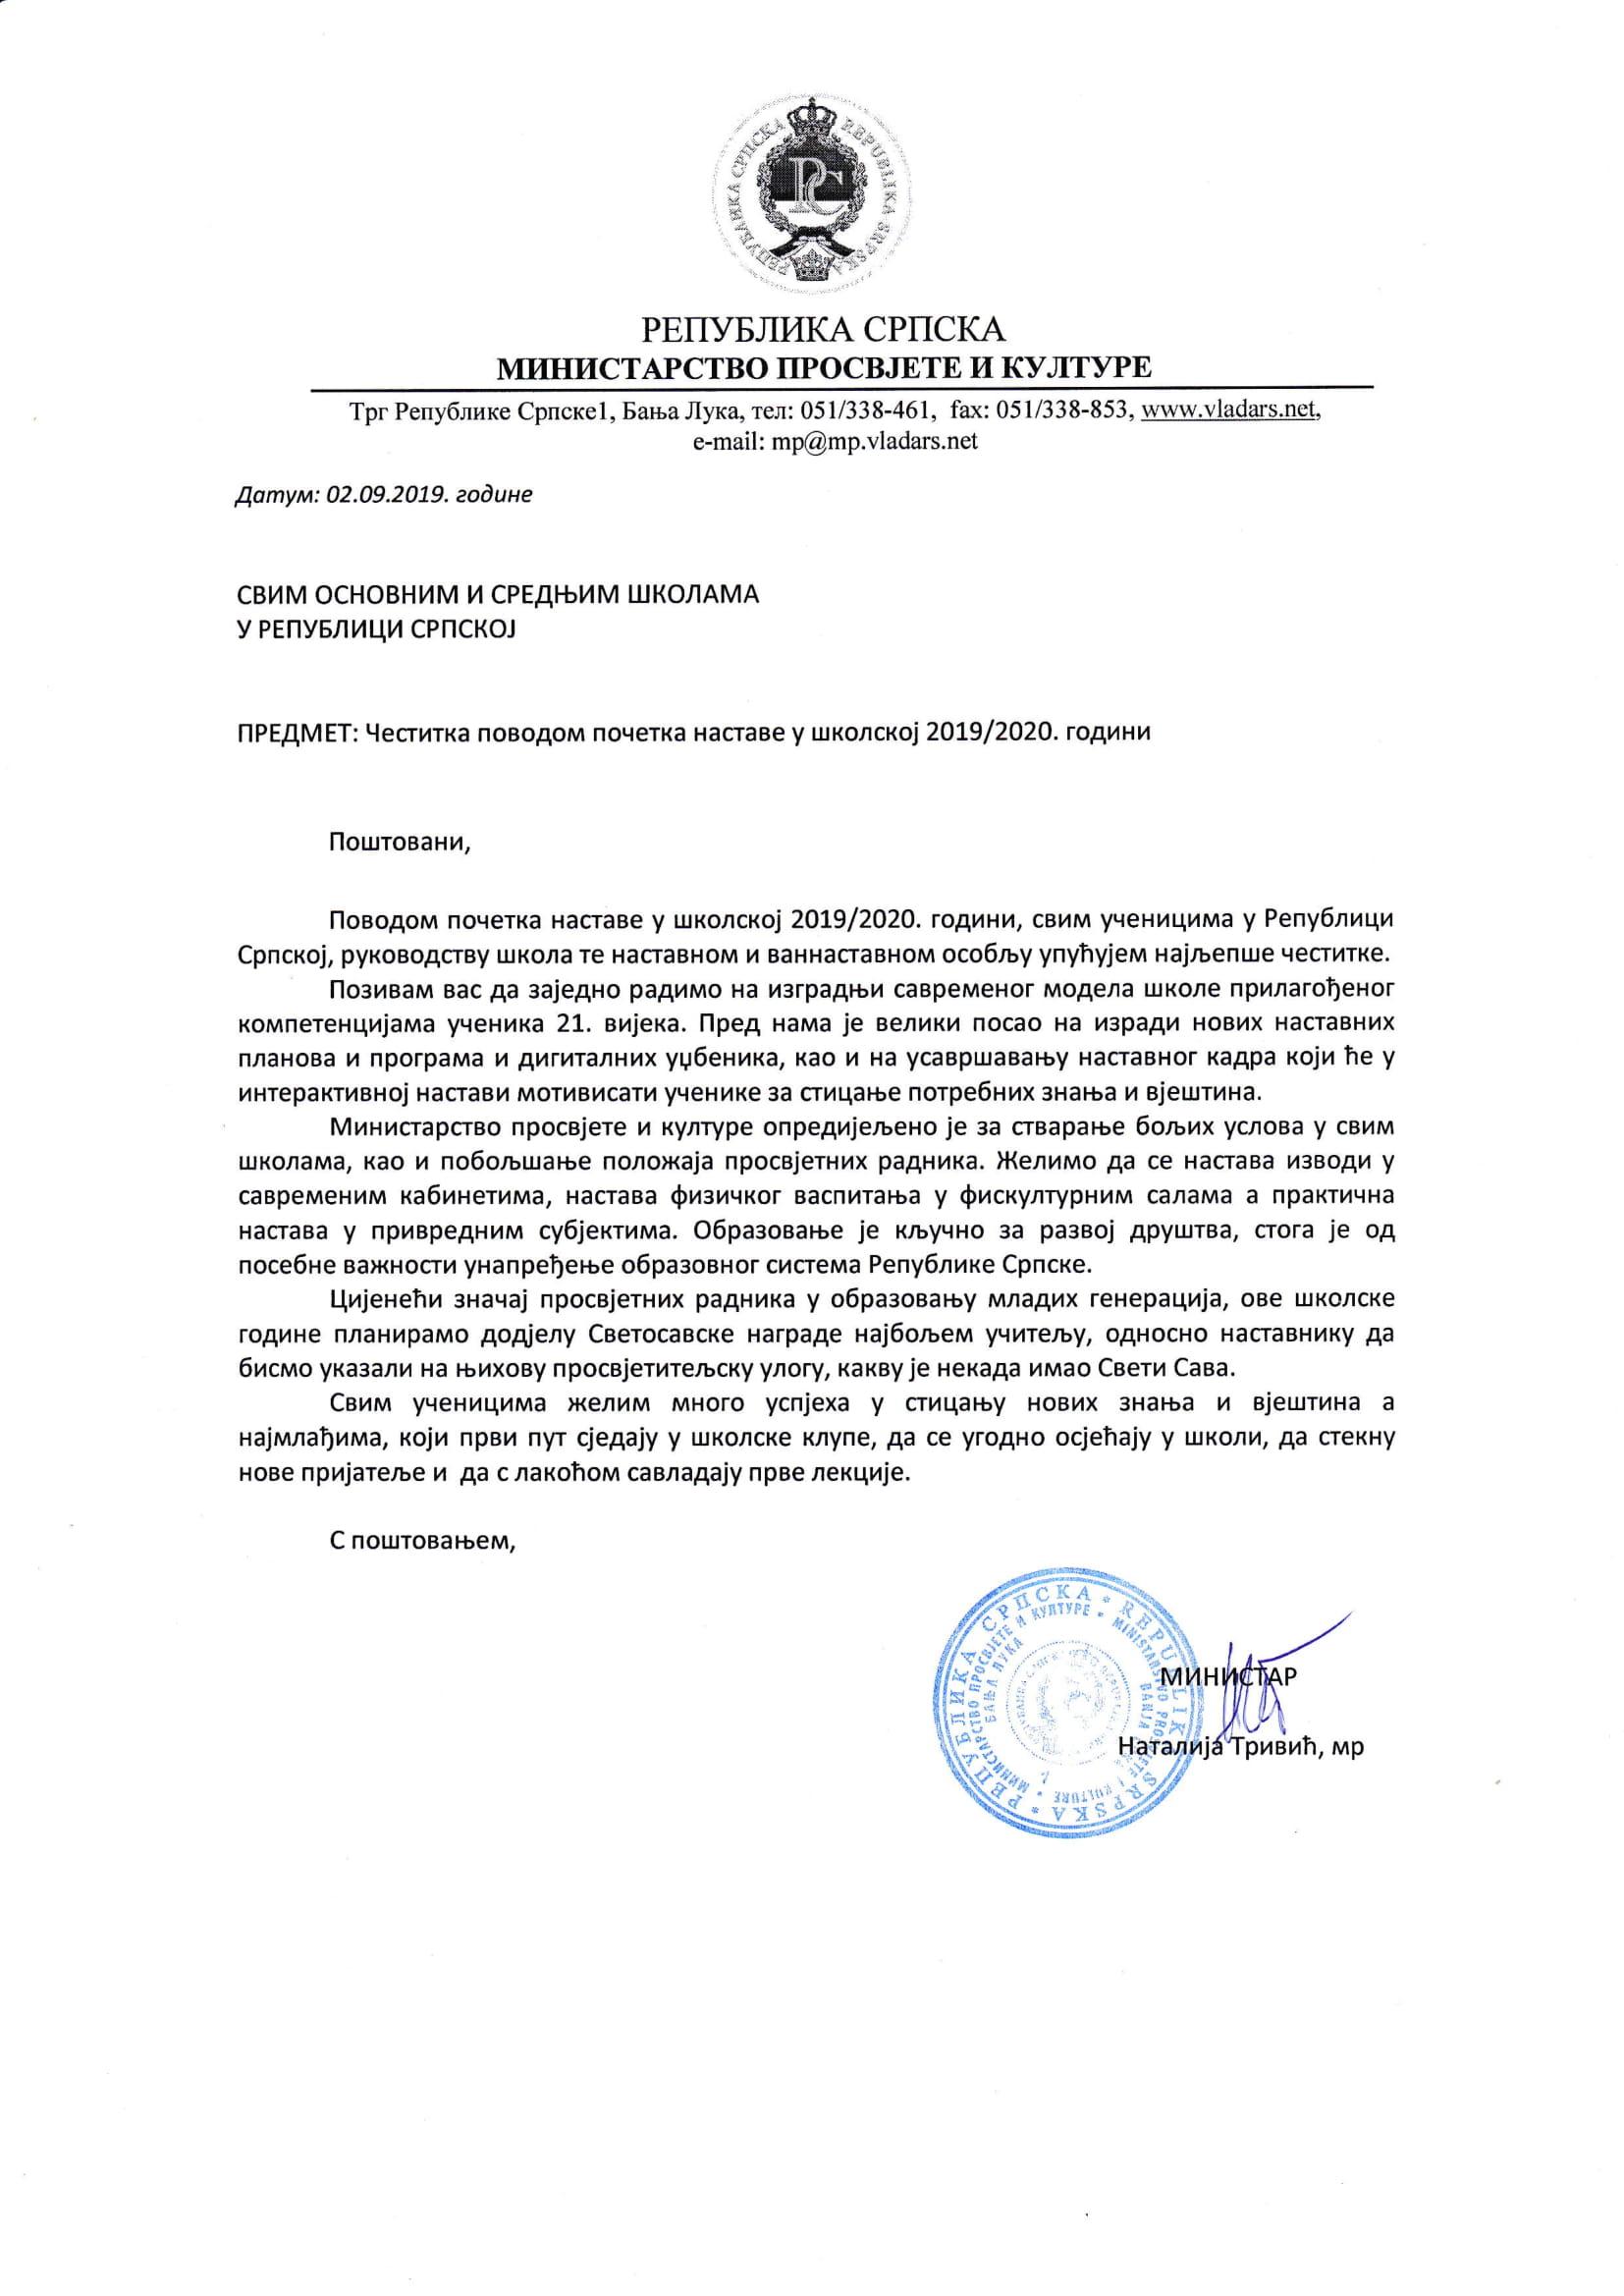 MPIK - Cestitka - 02.09.2019.-1